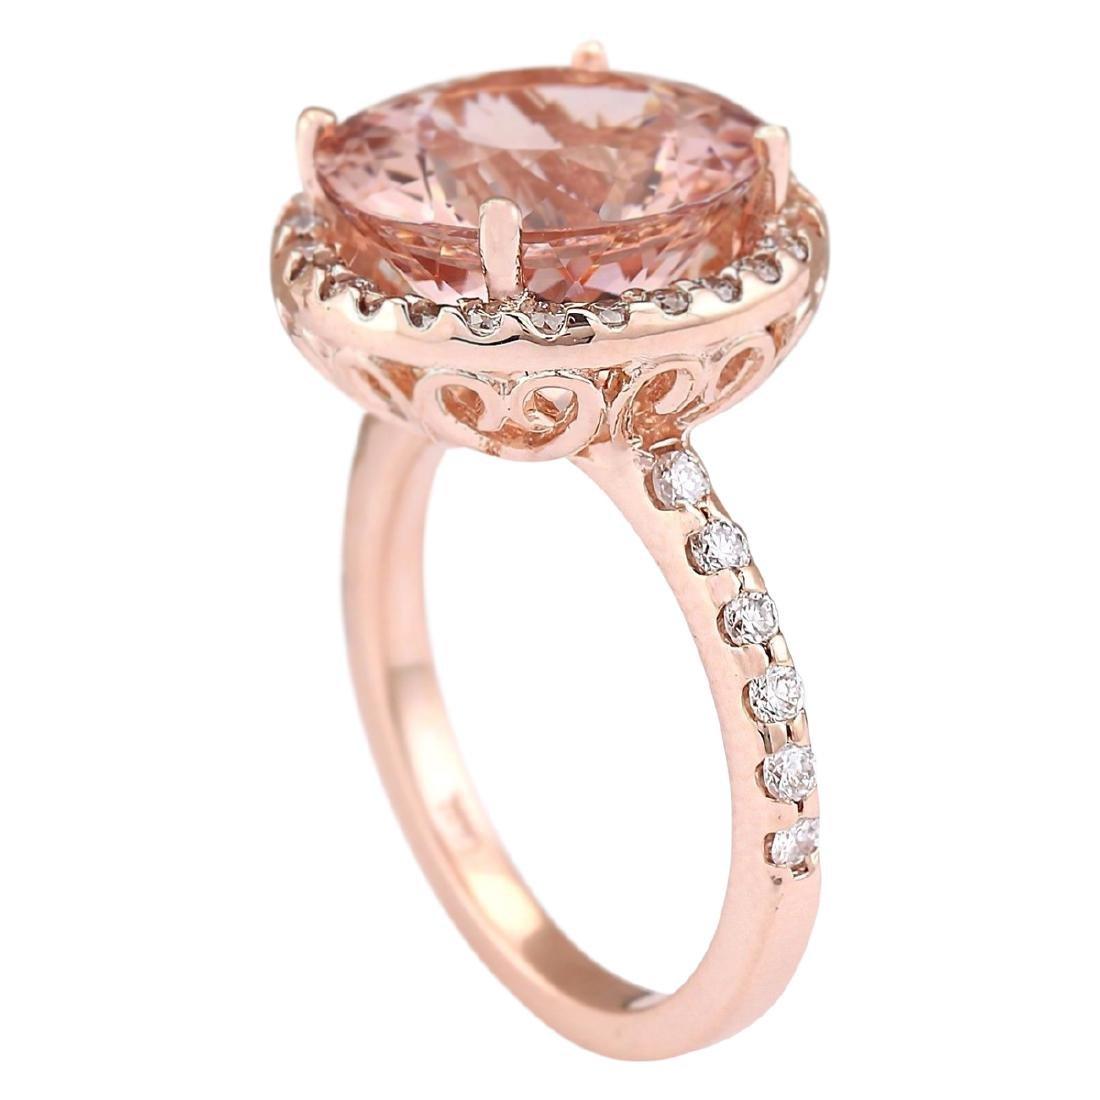 6.80 CTW Natural Morganite And Diamond Ring In 18K Rose - 3